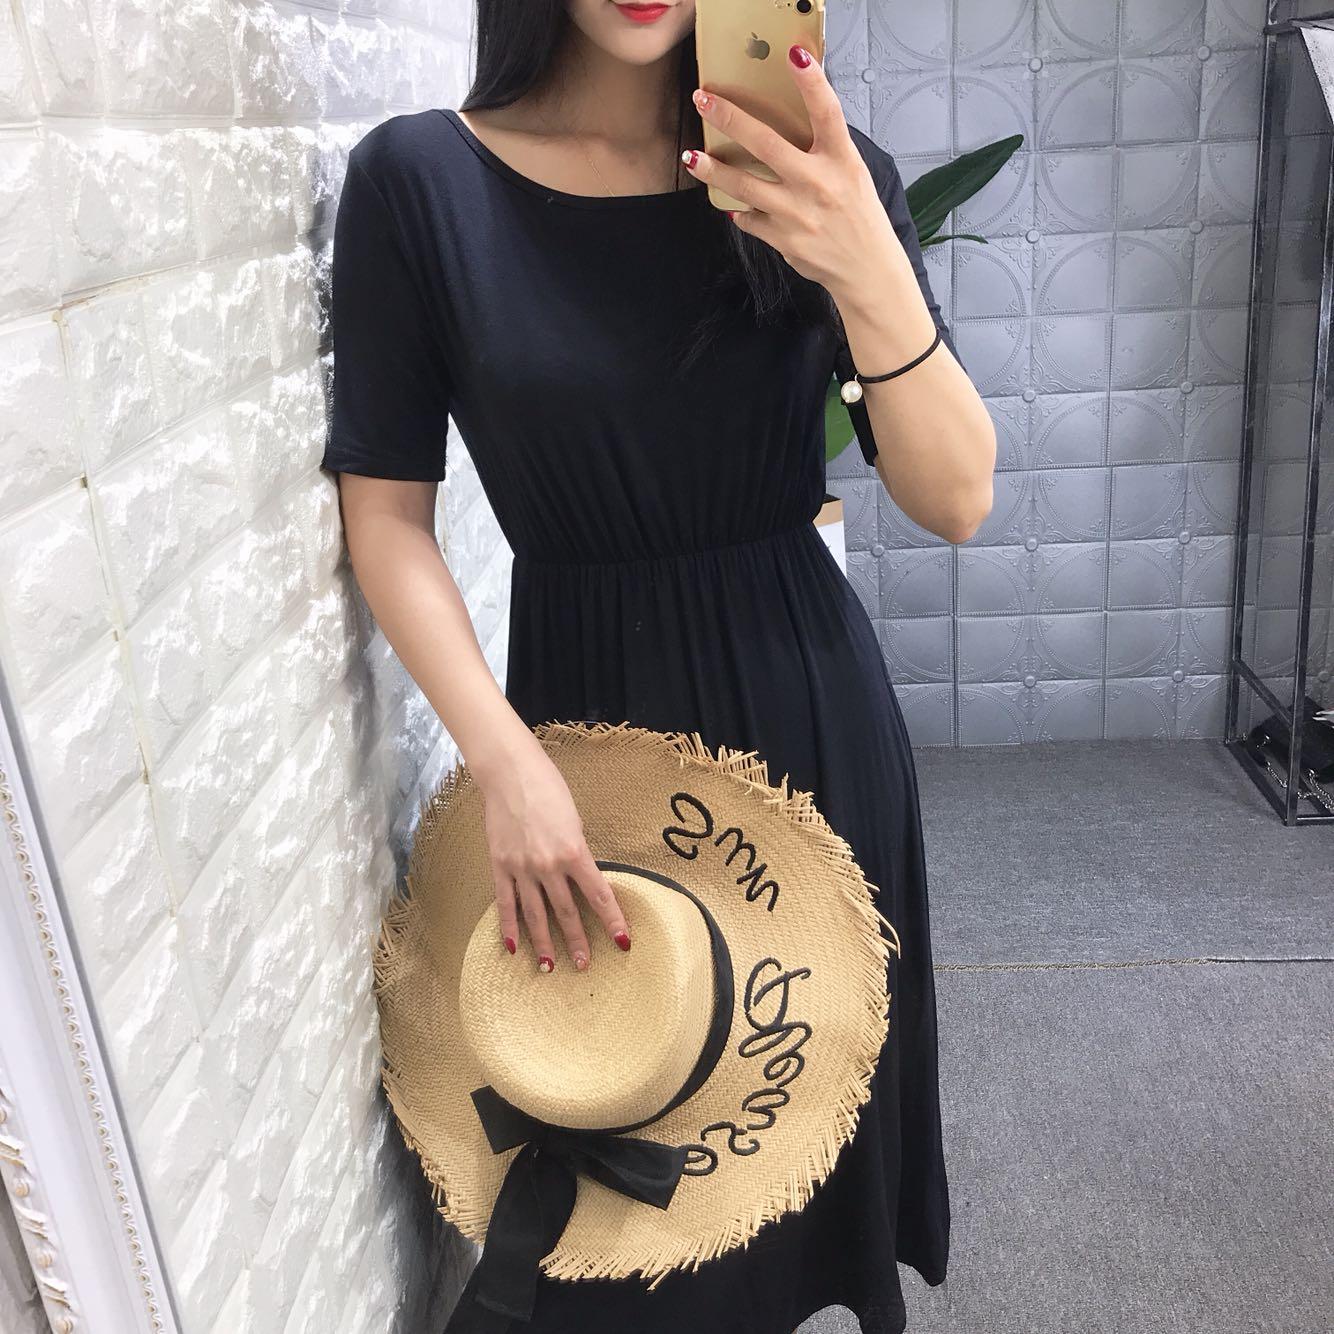 韩国ulzzang18夏季新品圆领短袖纯色时尚气质交叉收腰显瘦连衣裙